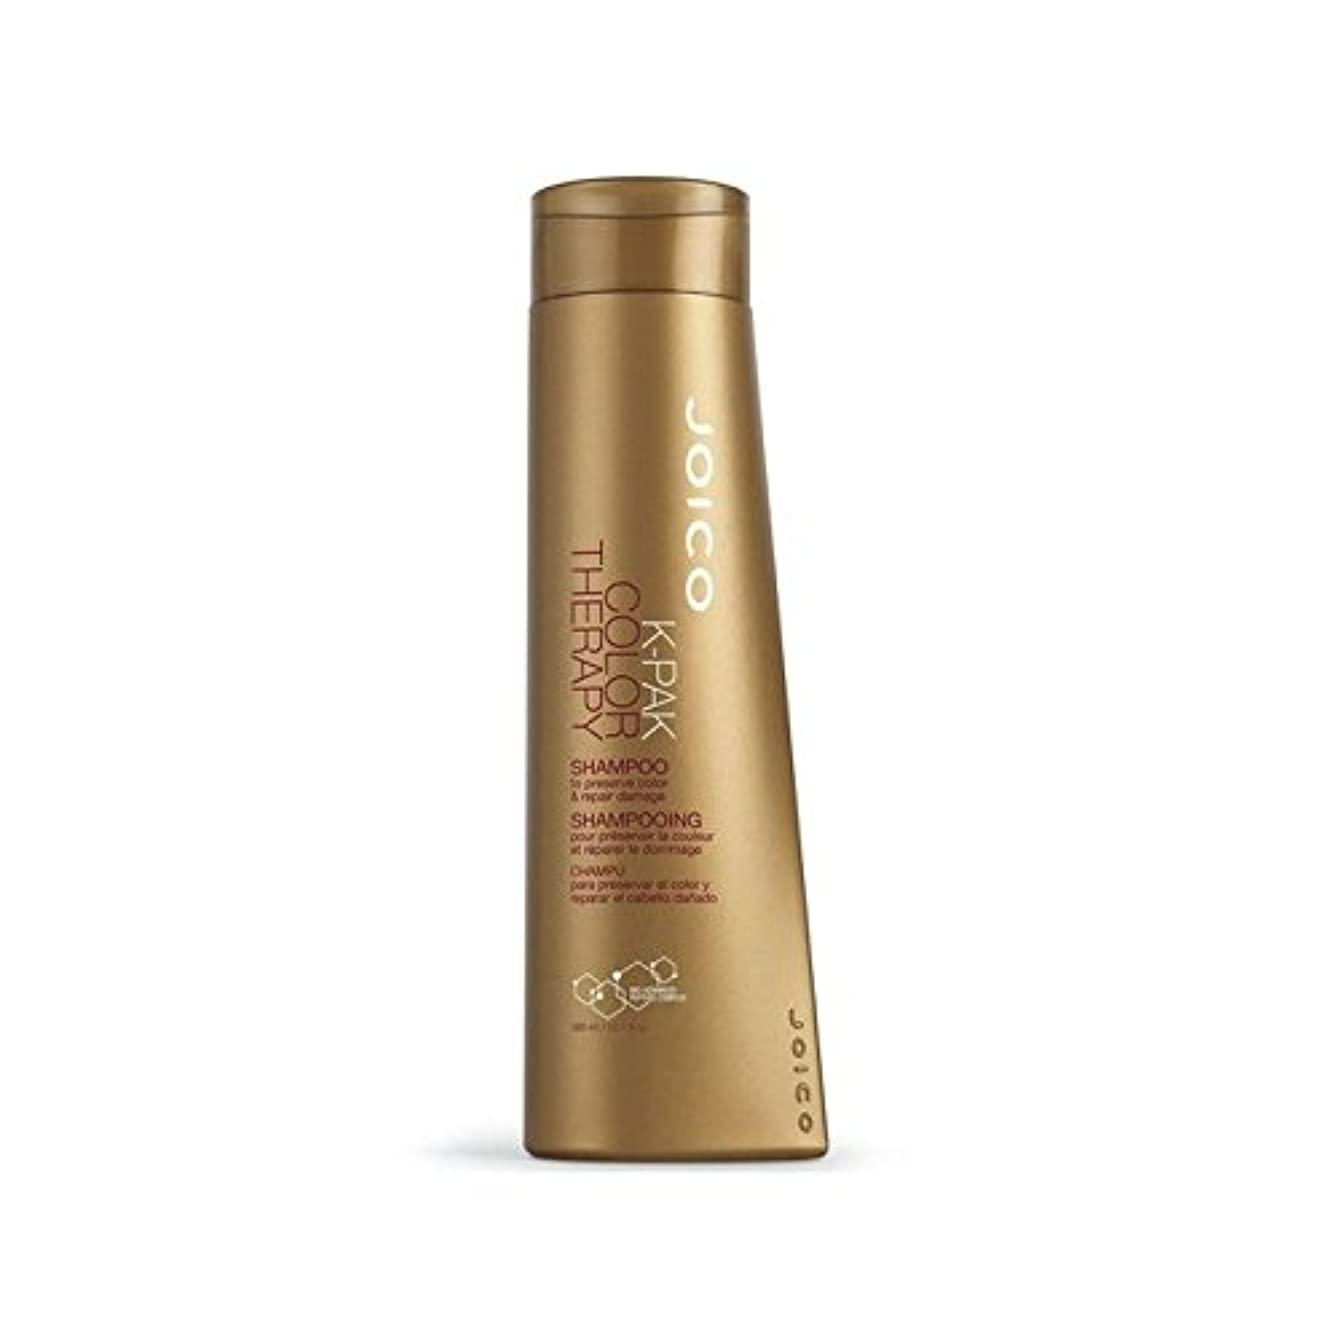 許容バッグ内陸ジョイコ-カラーセラピーシャンプー300ミリリットル x4 - Joico K-Pak Color Therapy Shampoo 300ml (Pack of 4) [並行輸入品]